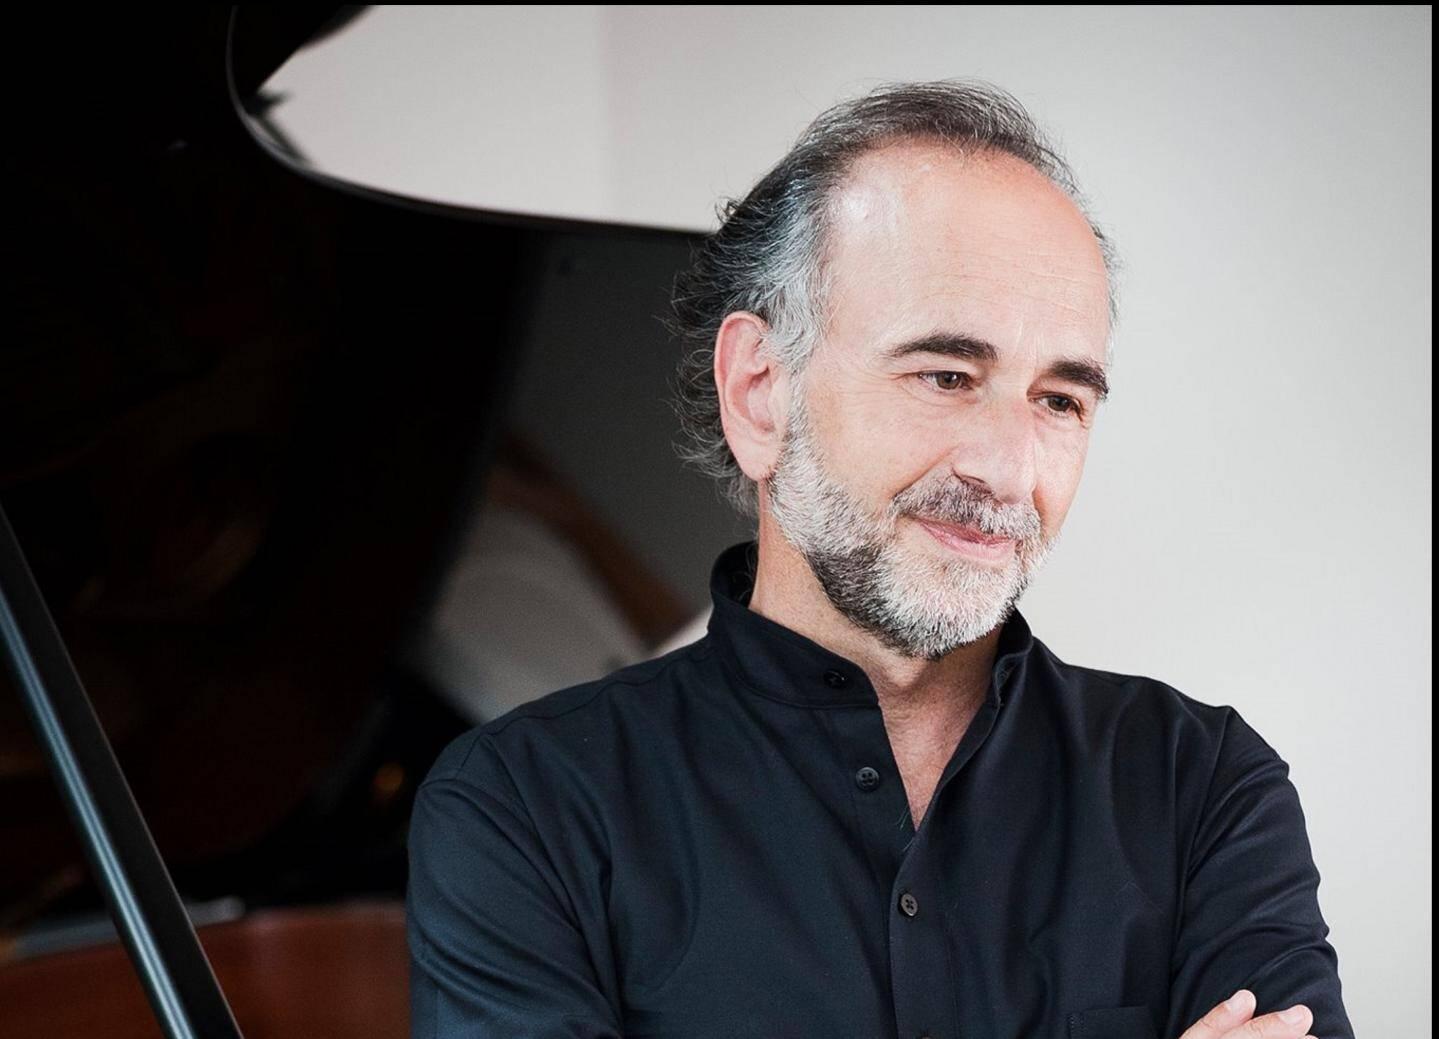 Le pianiste français Laurent Cabasso jouera lors du premier concert consacré à l'Amérique du Nord.